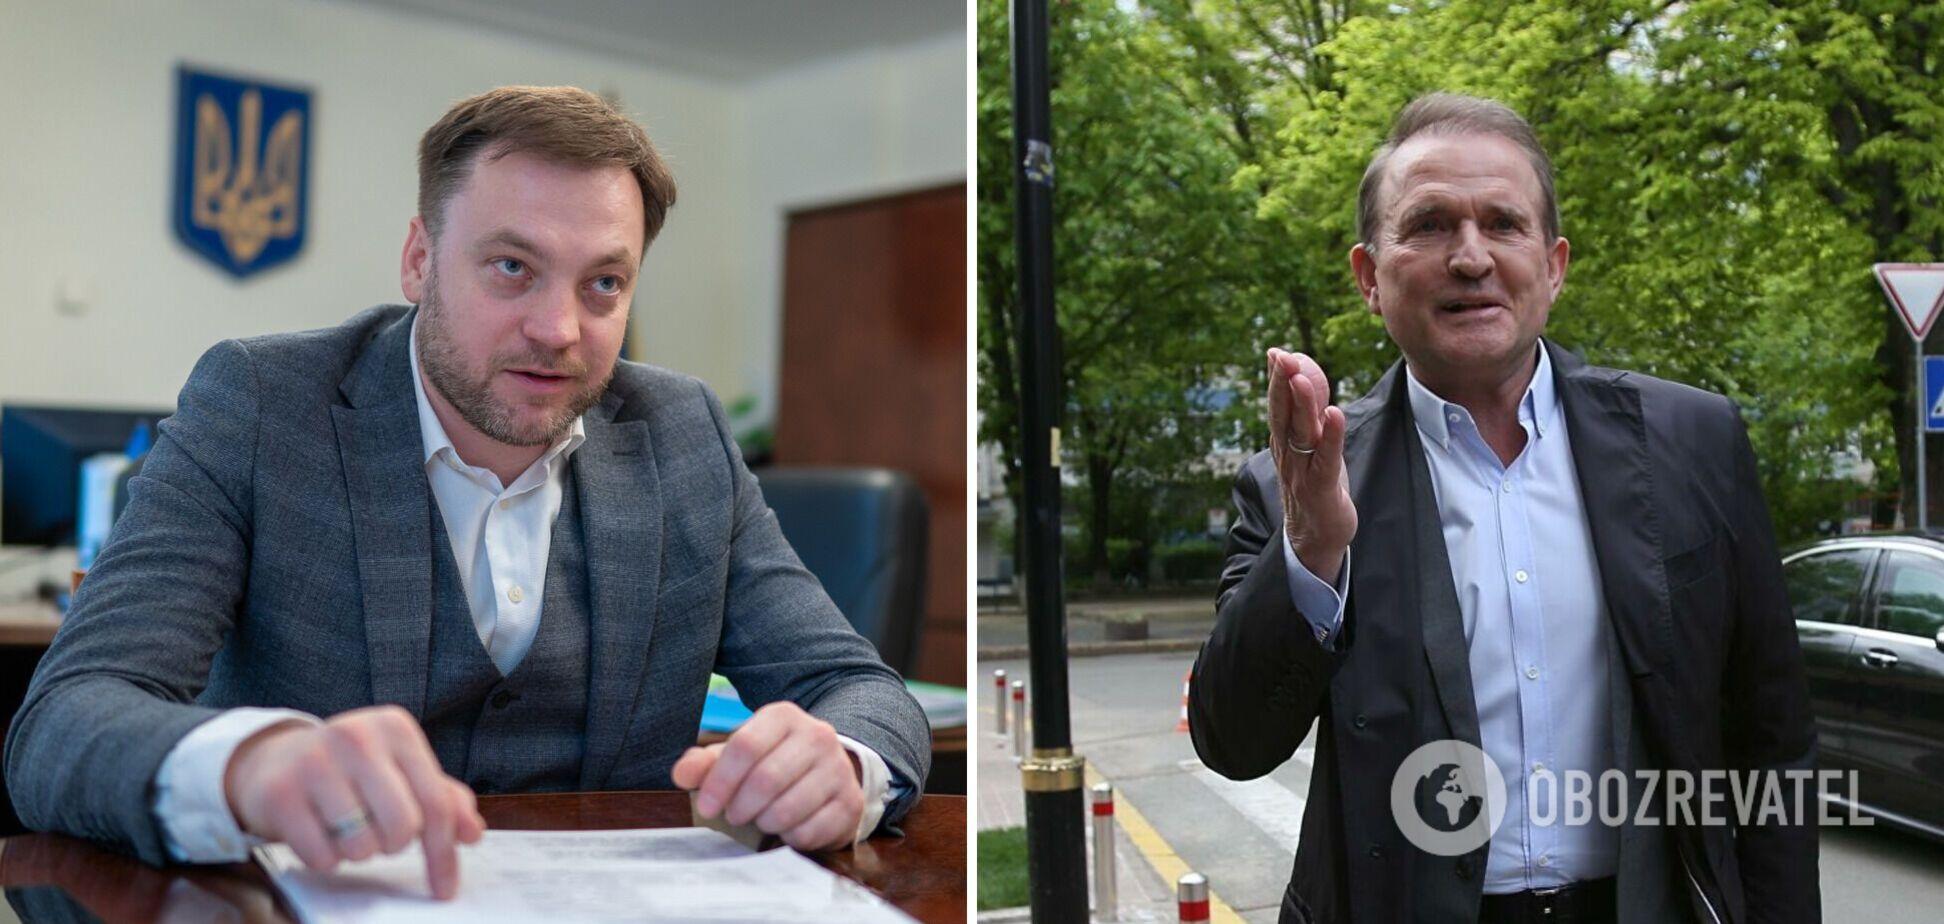 У 'Слузі народу' розповіли, як готувалася підозра Медведчуку й що буде далі